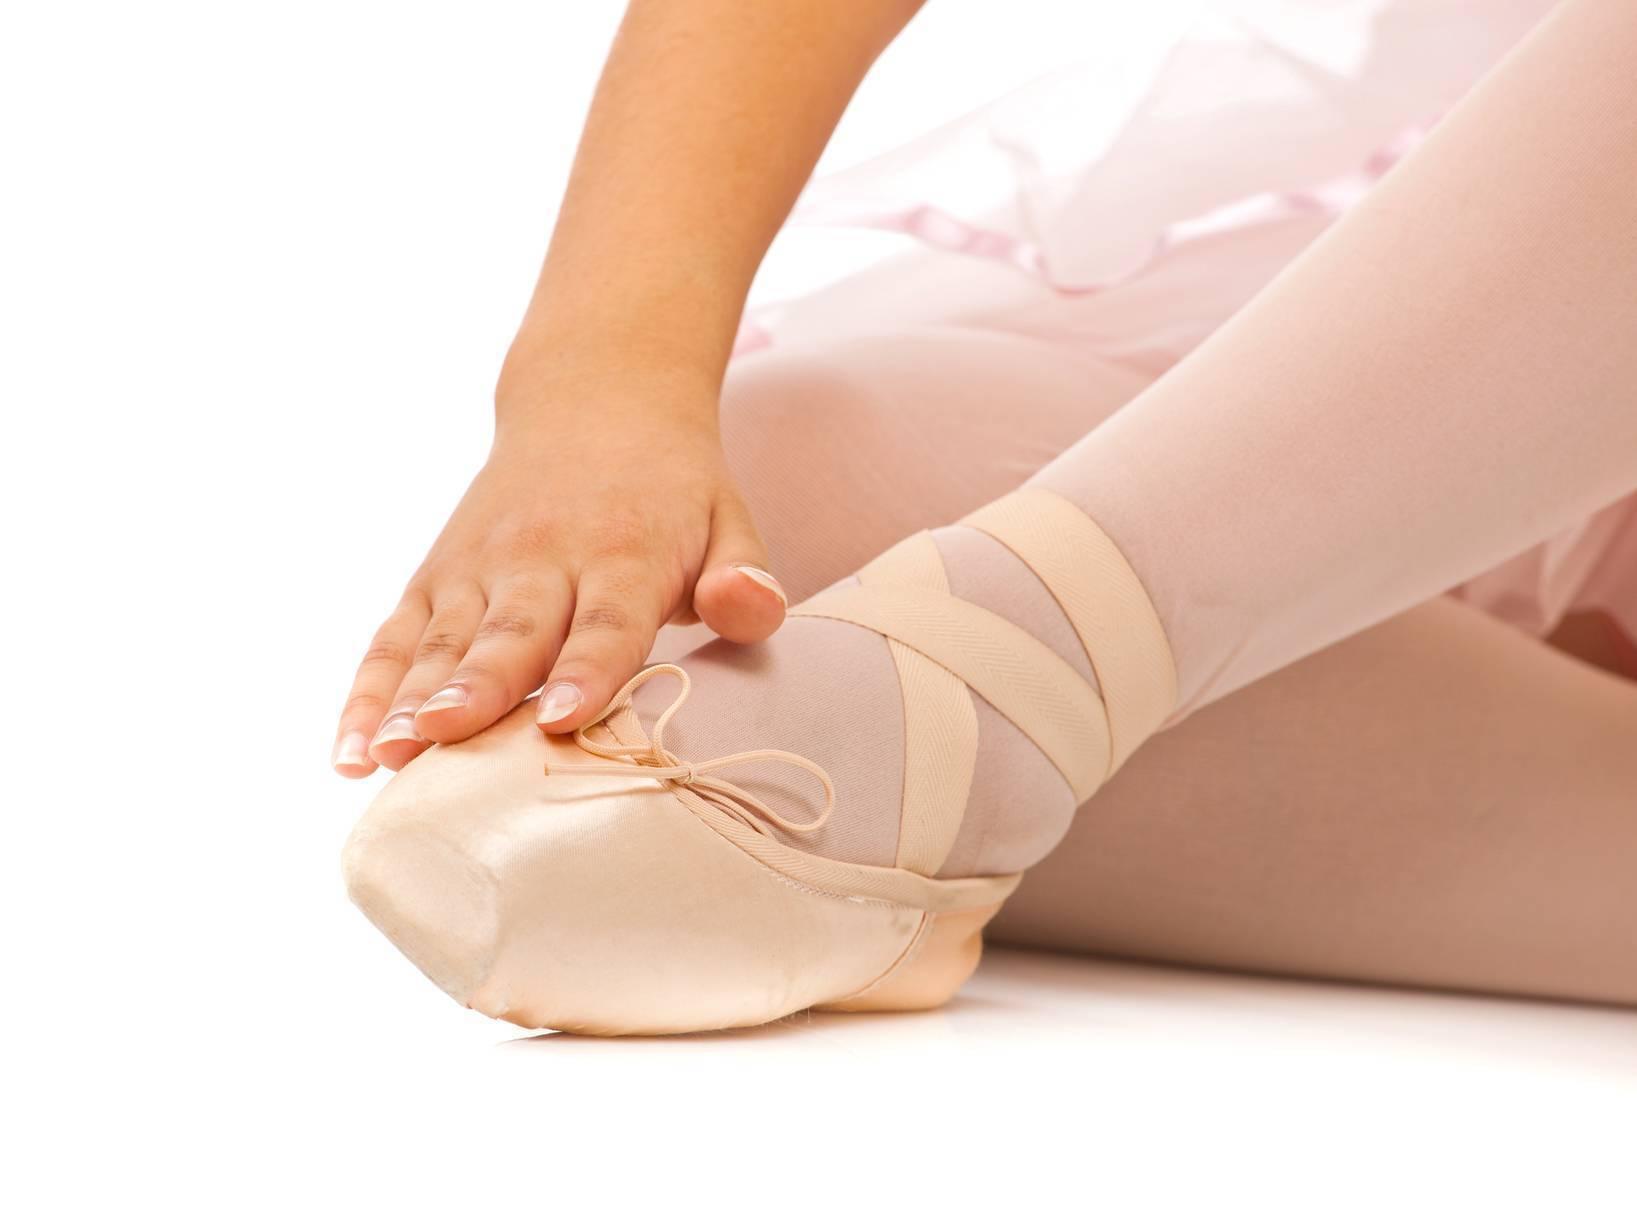 Вросший ноготь на ноге: 11 мощных домашних рецептов лечения